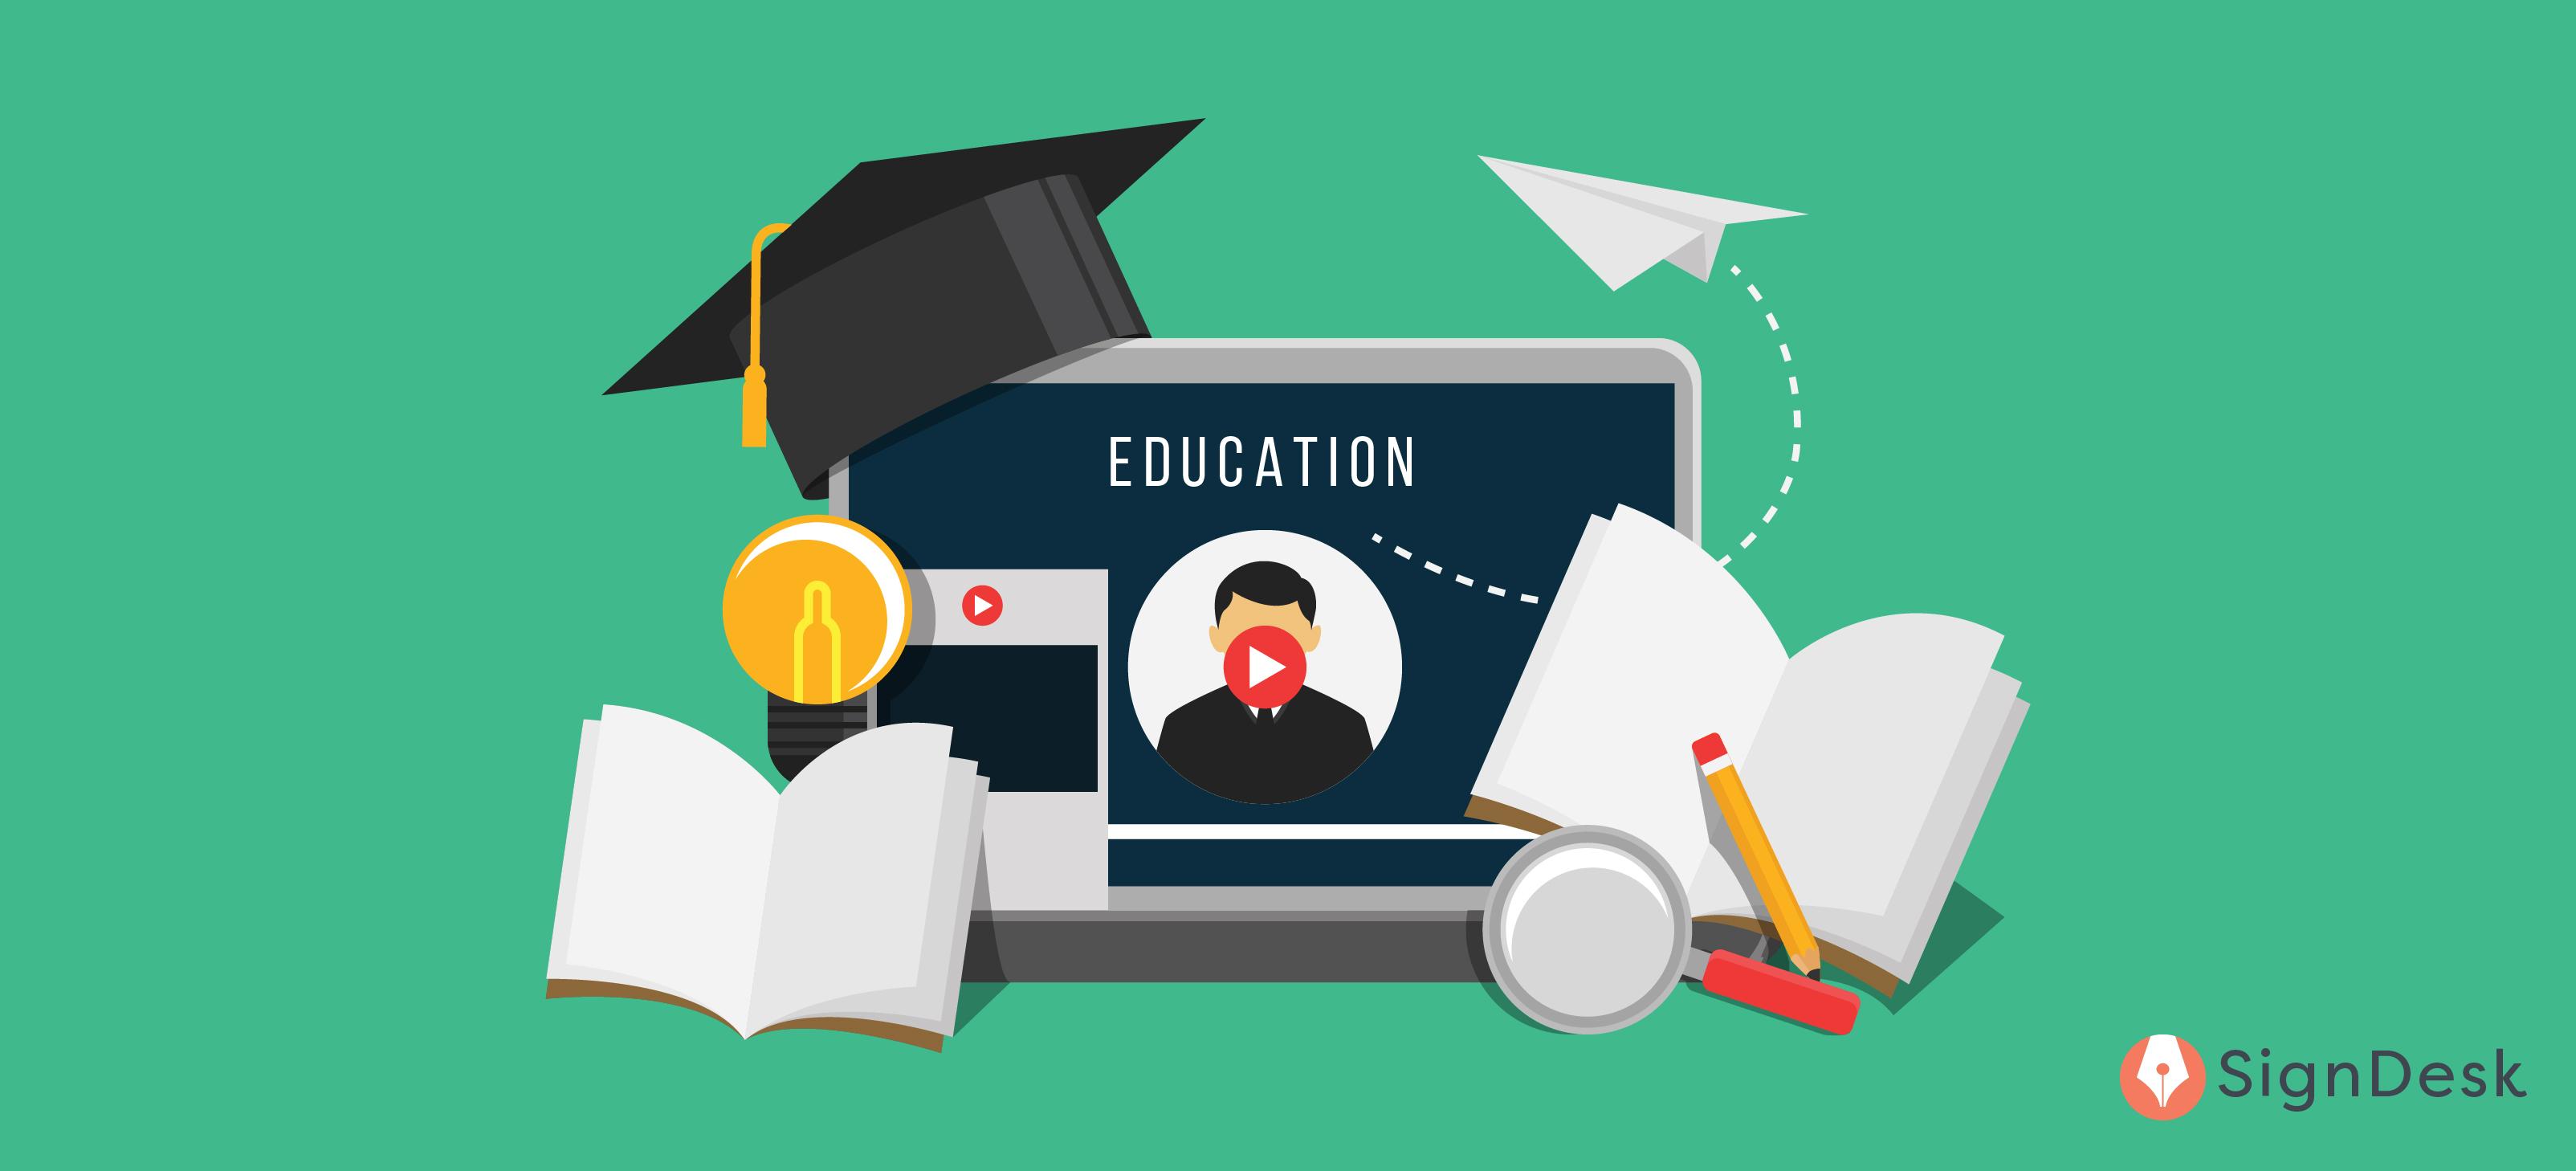 eSign in universities